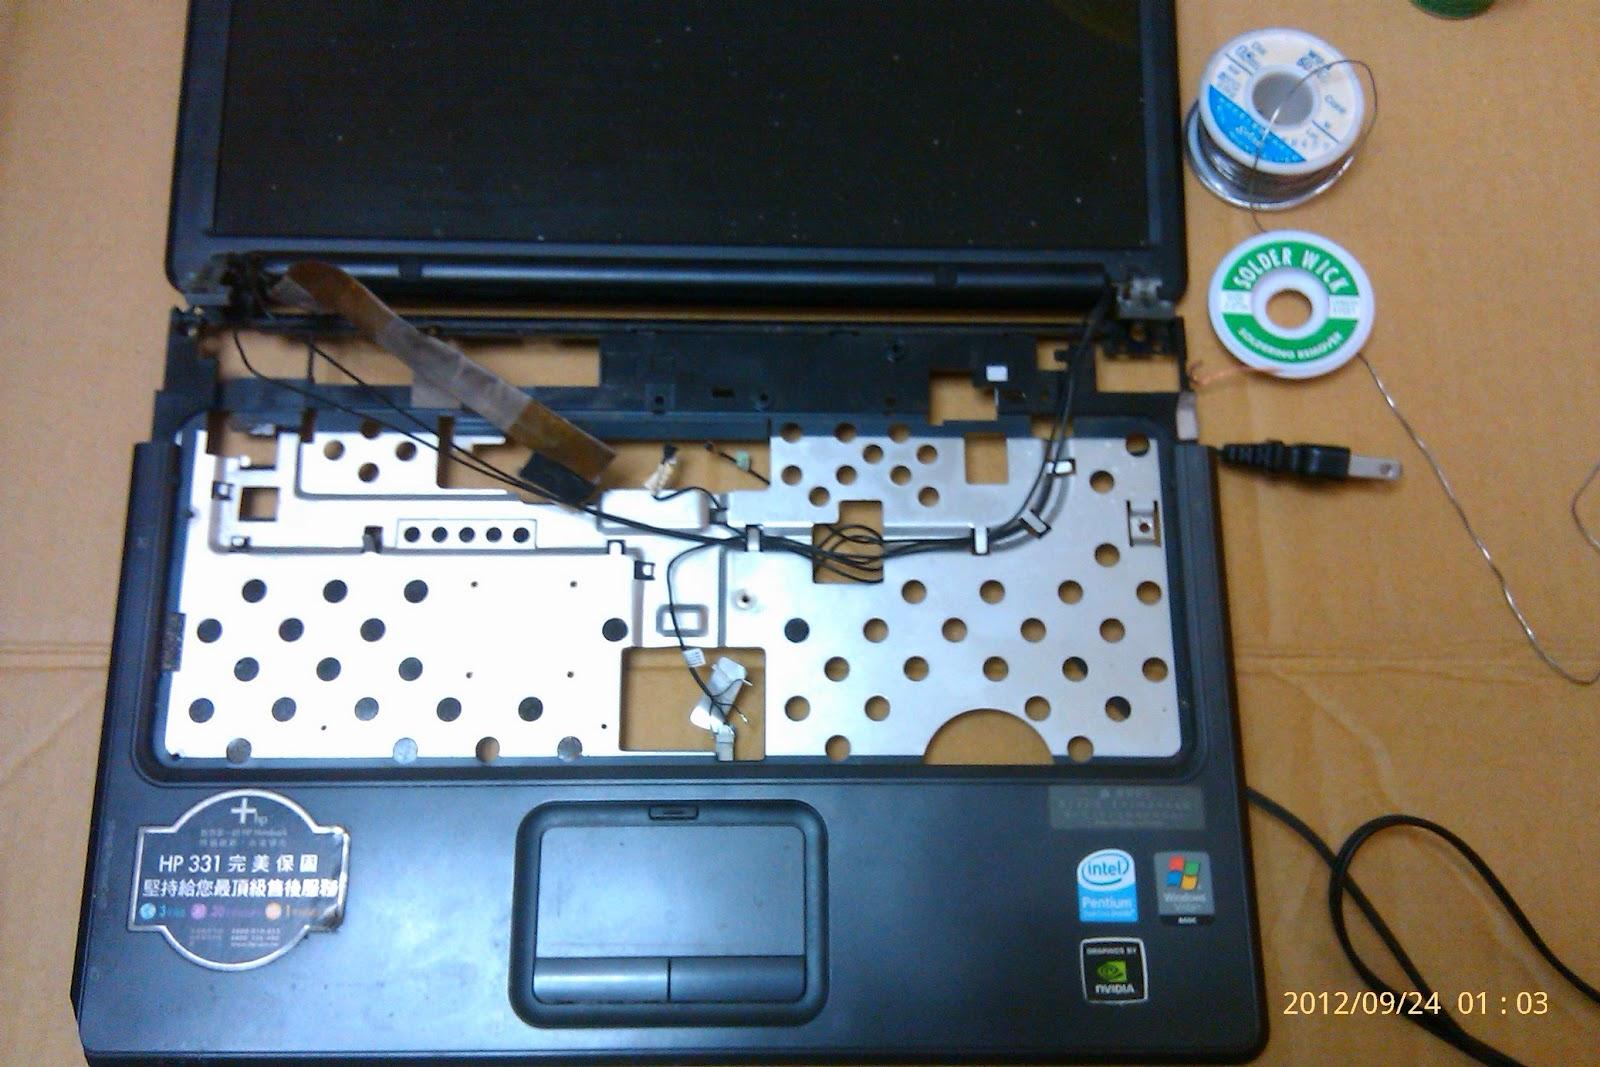 hp compaq CQ30 CQ35 CQ40 CQ42 CQ43 CQ44 CQ45 筆電顯示故障維修@允成電腦/3C維修研究中心 |PChome 個人新聞臺